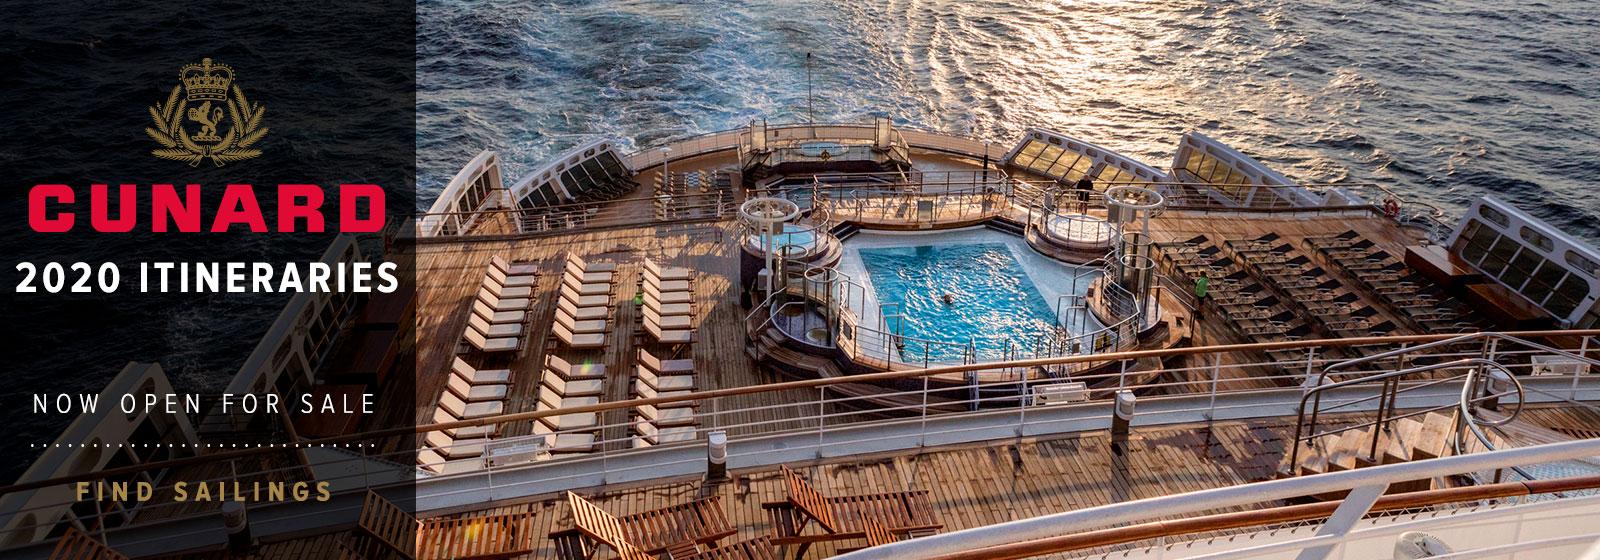 Cunard 2020 Release